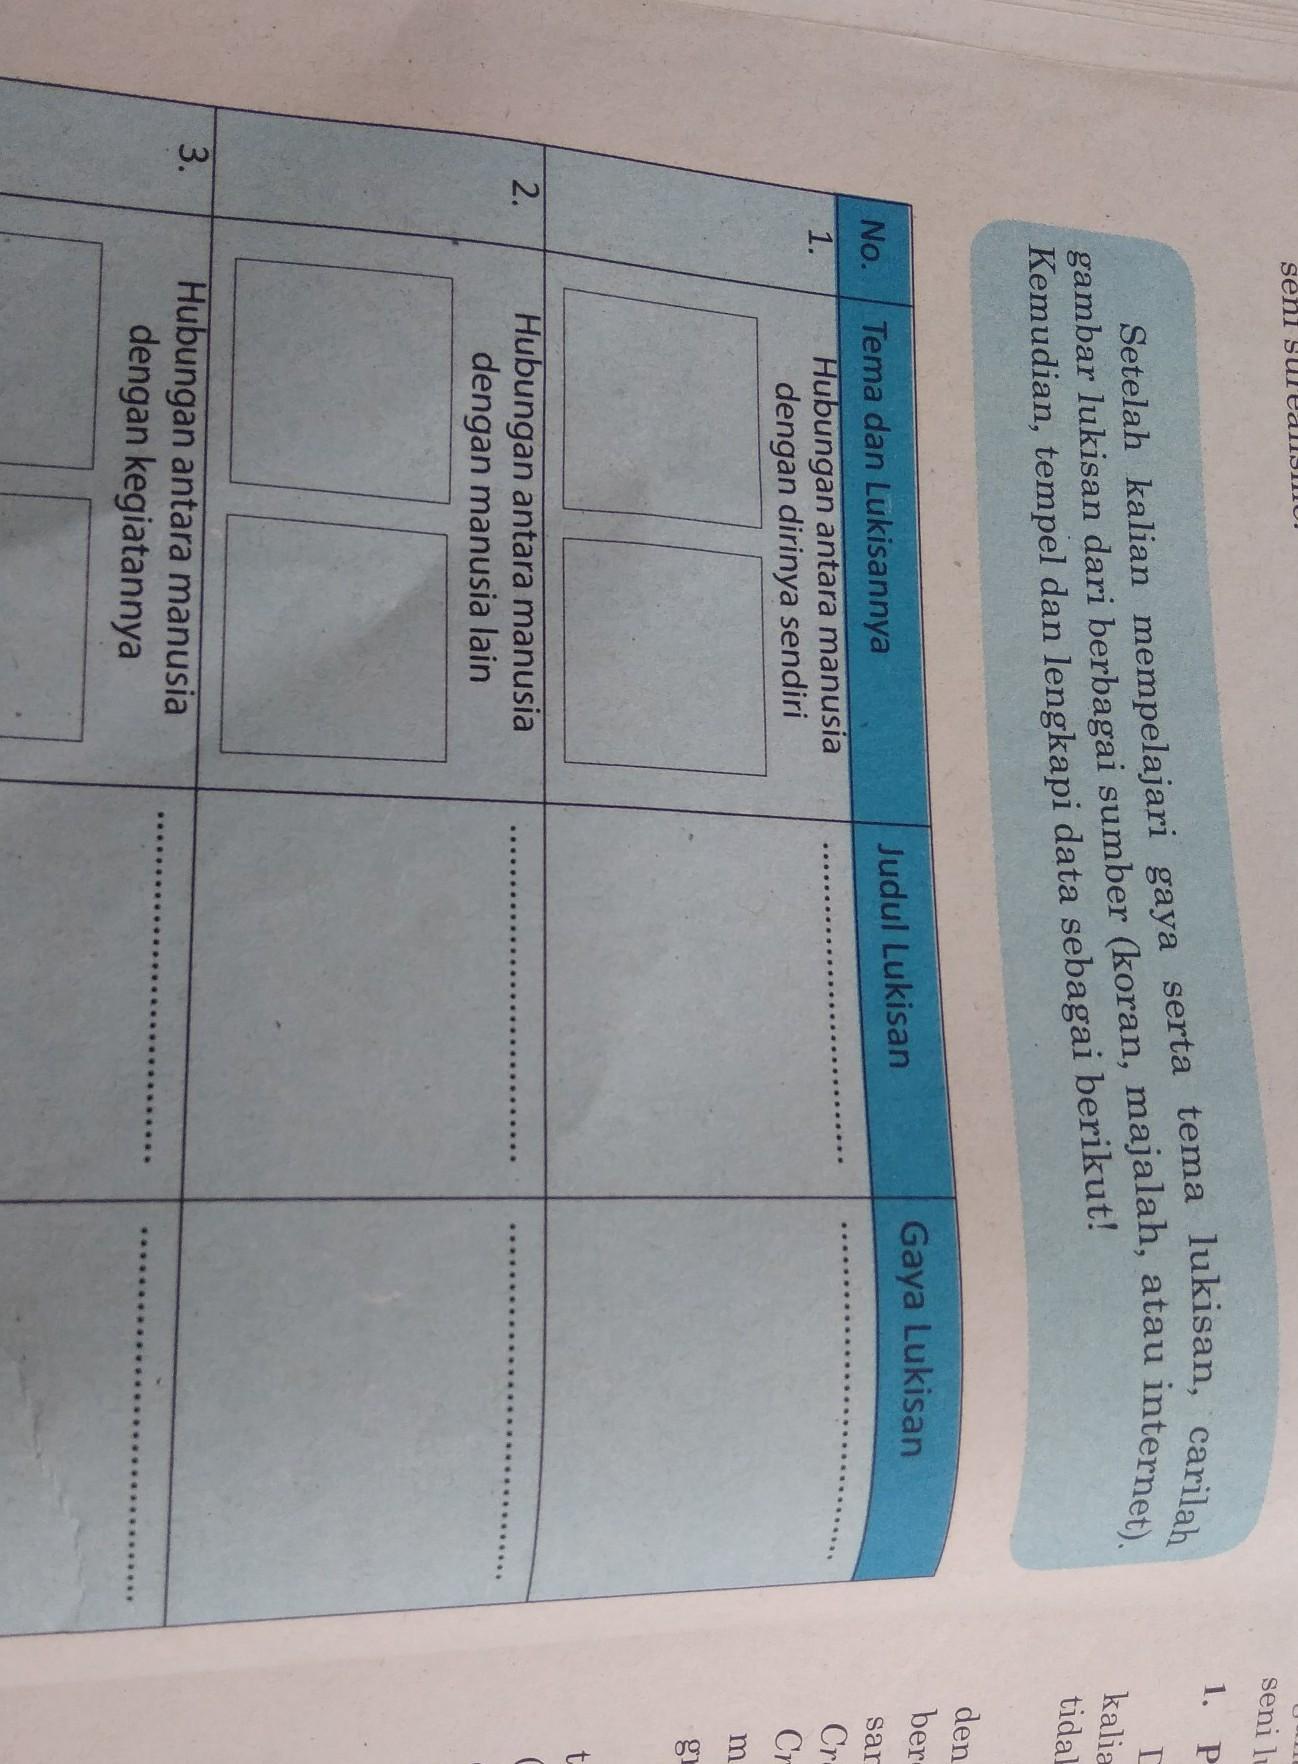 Tabel Seni Budaya Kelas 9 Halaman 12 Brainly Co Id